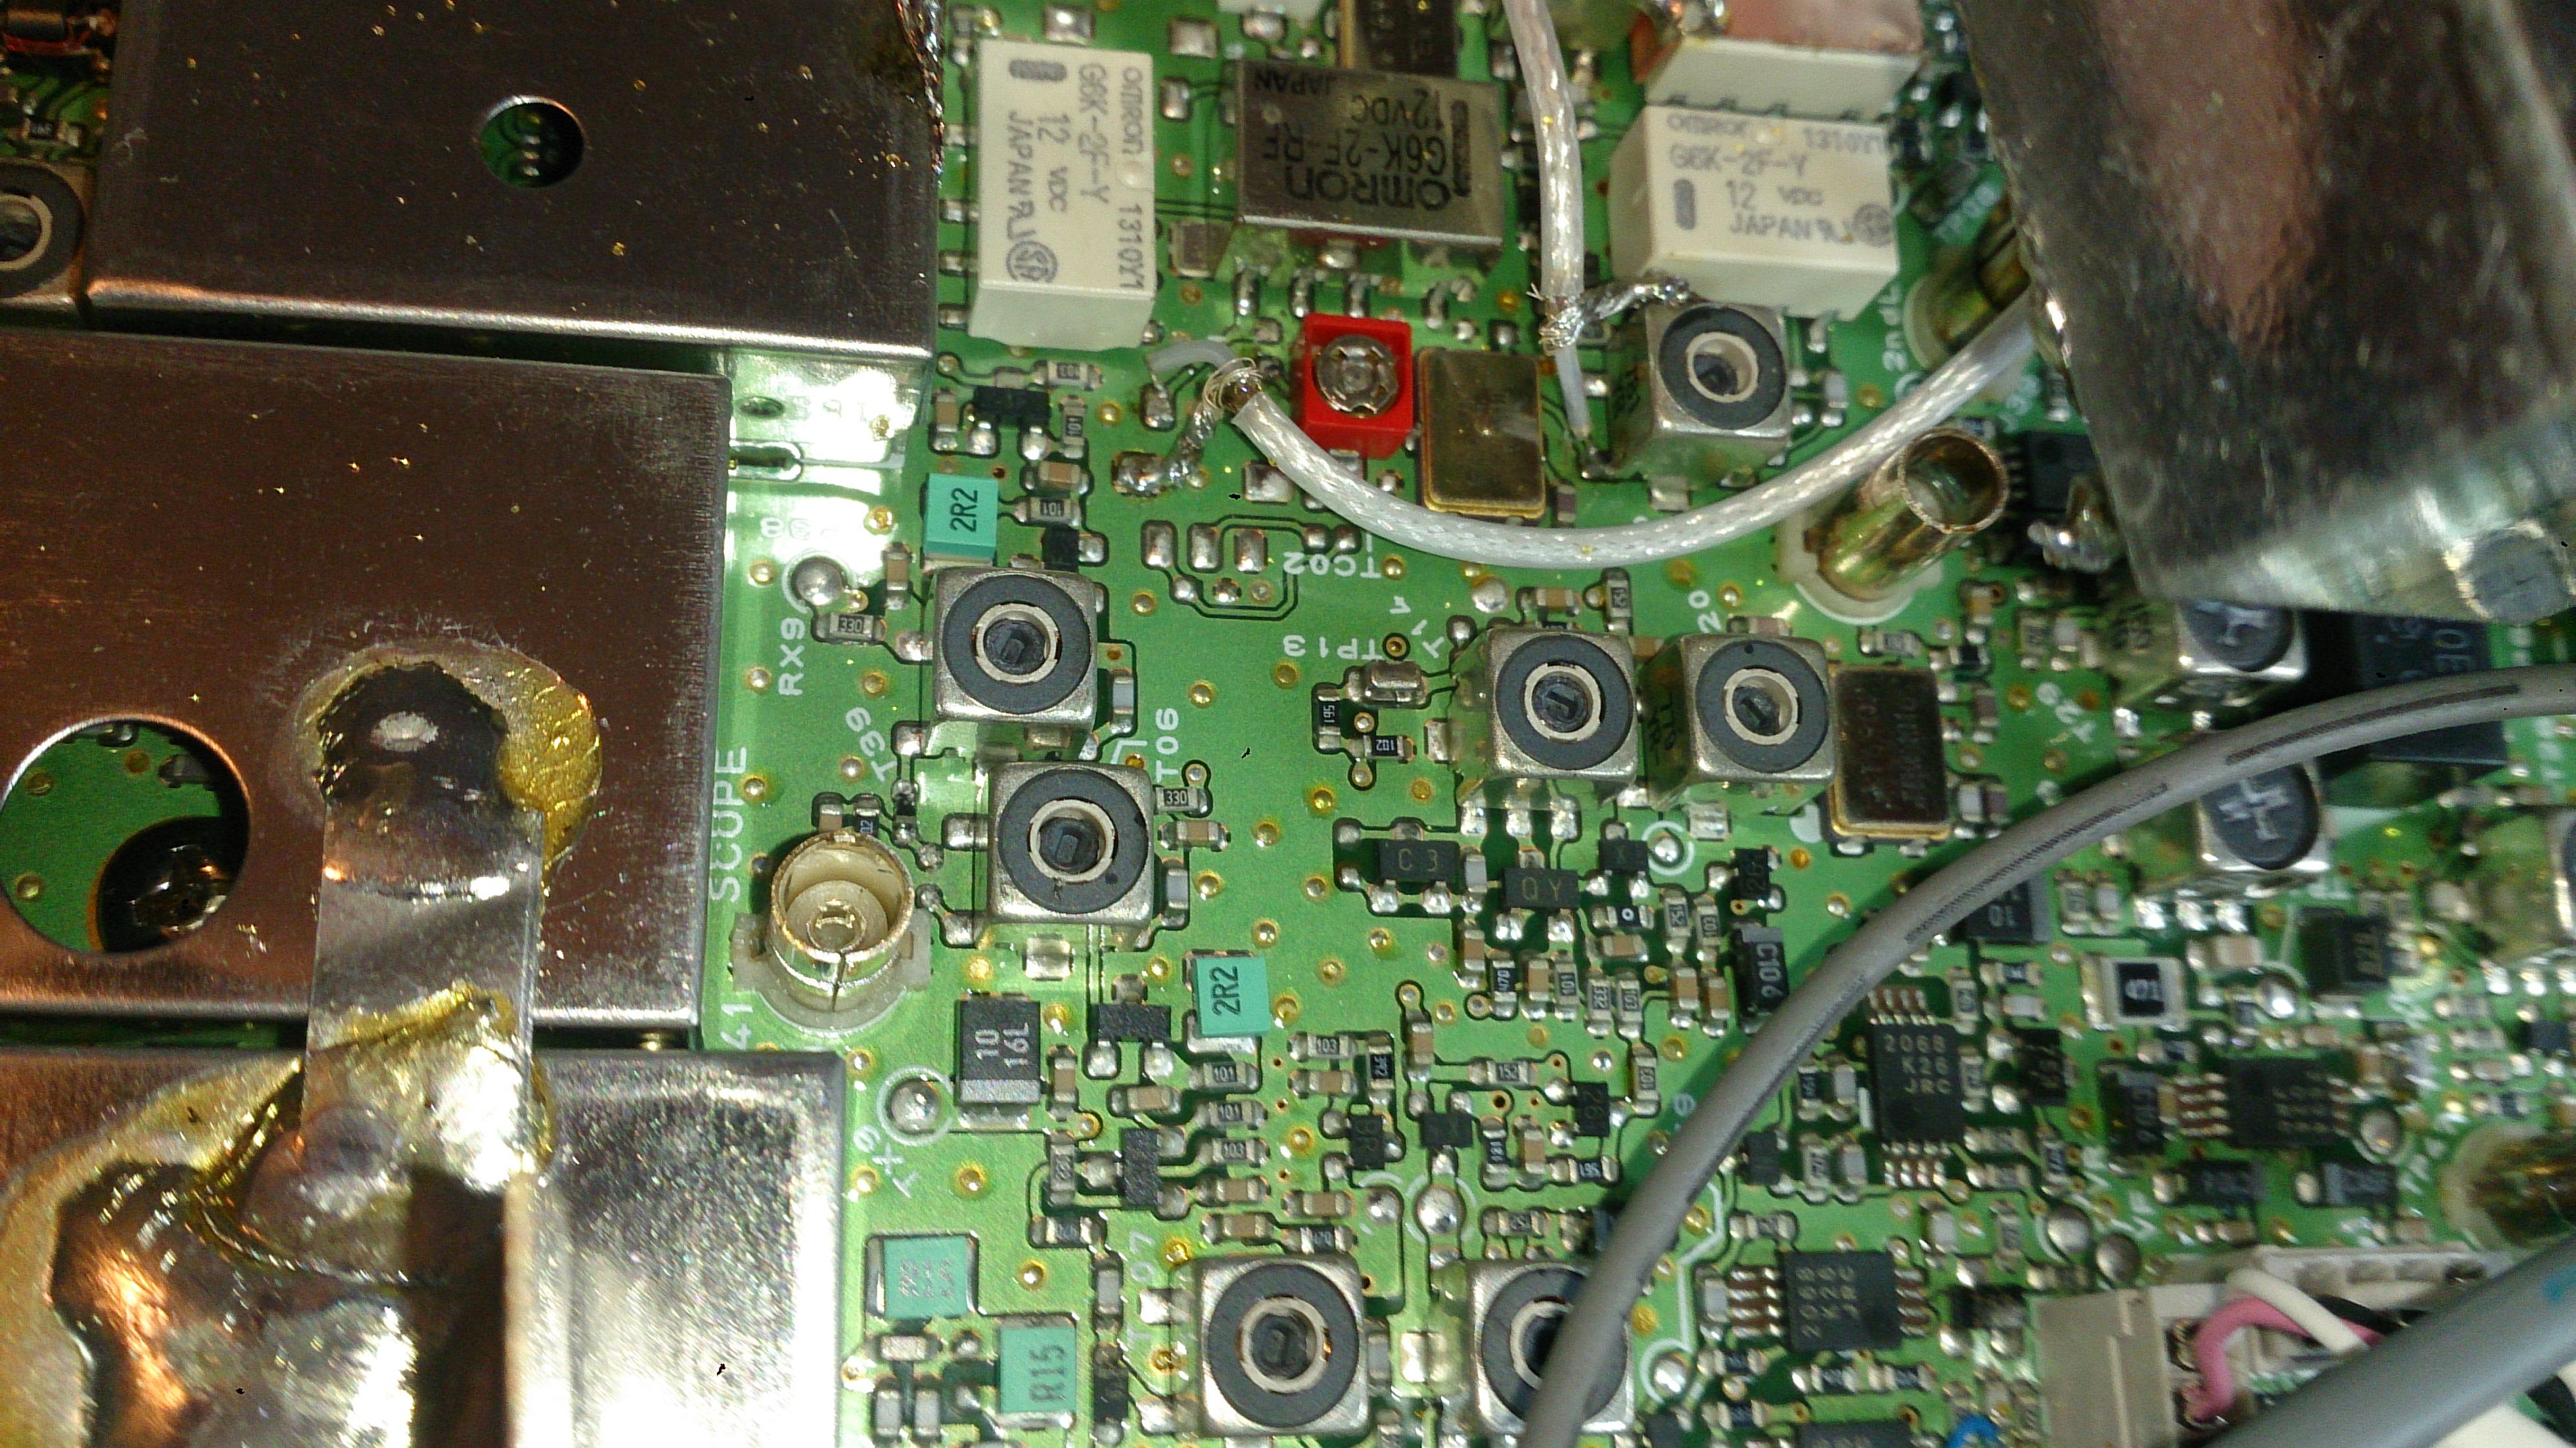 FT2000 : Panne de réception sur ANT1 et ANT2, ANT RX ok D1035-maint-unit-01-posit